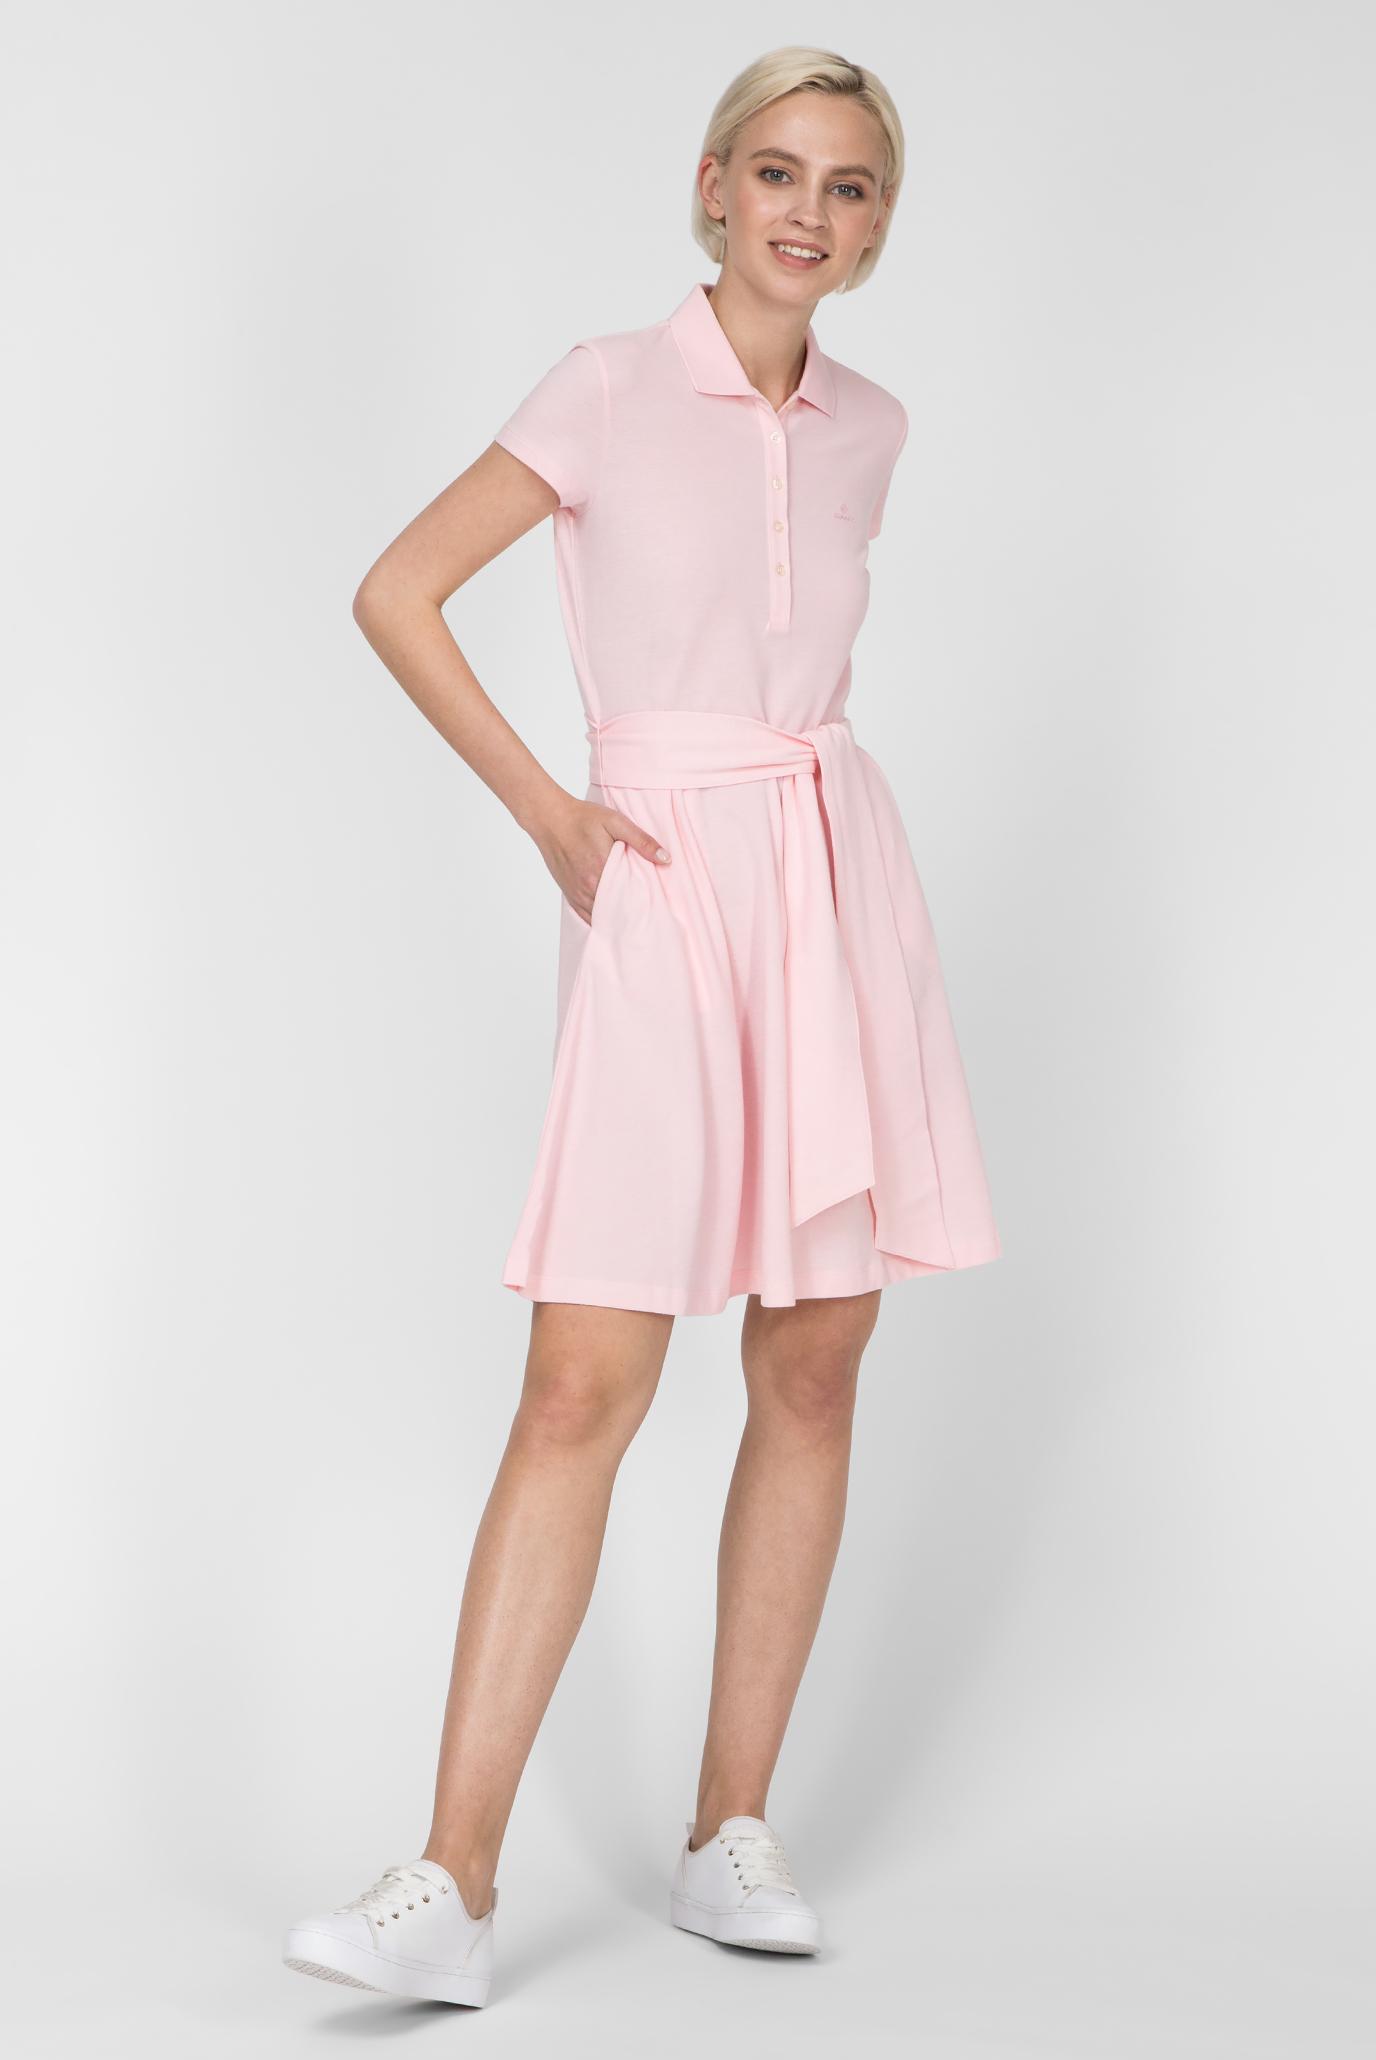 fcecd84981e65 Купить Женское розовое платье-поло OXFORD PIQUE Gant Gant 4202306 – Киев,  Украина. Цены в интернет магазине ...